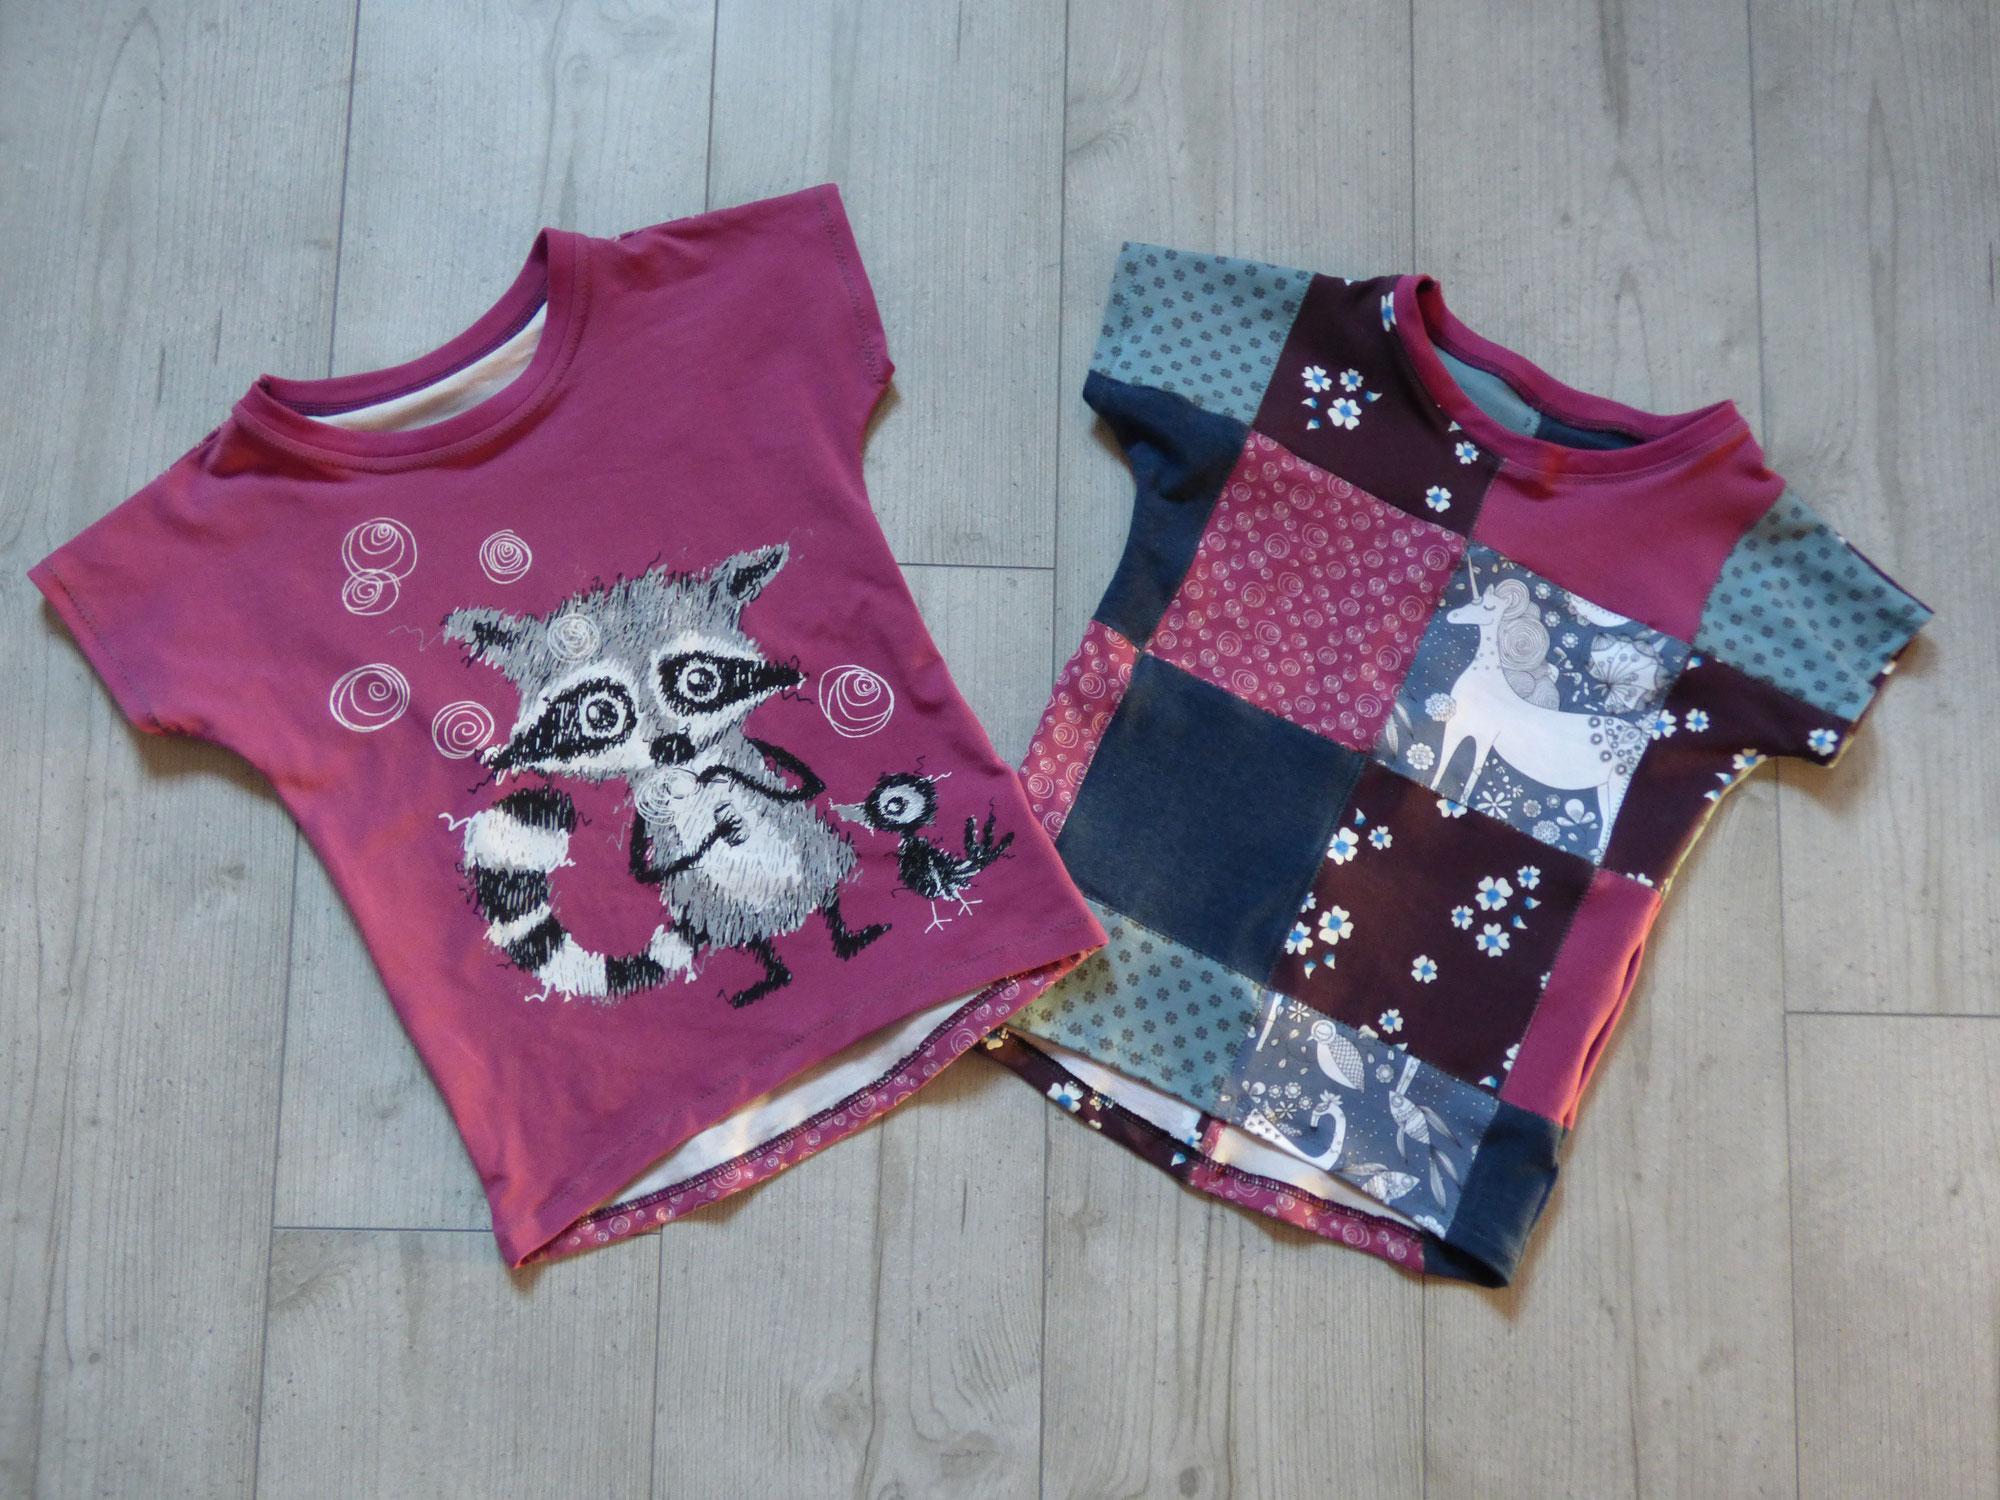 Zwei neue Shrits für meine Tochter: mit Waschbären und Patchwork